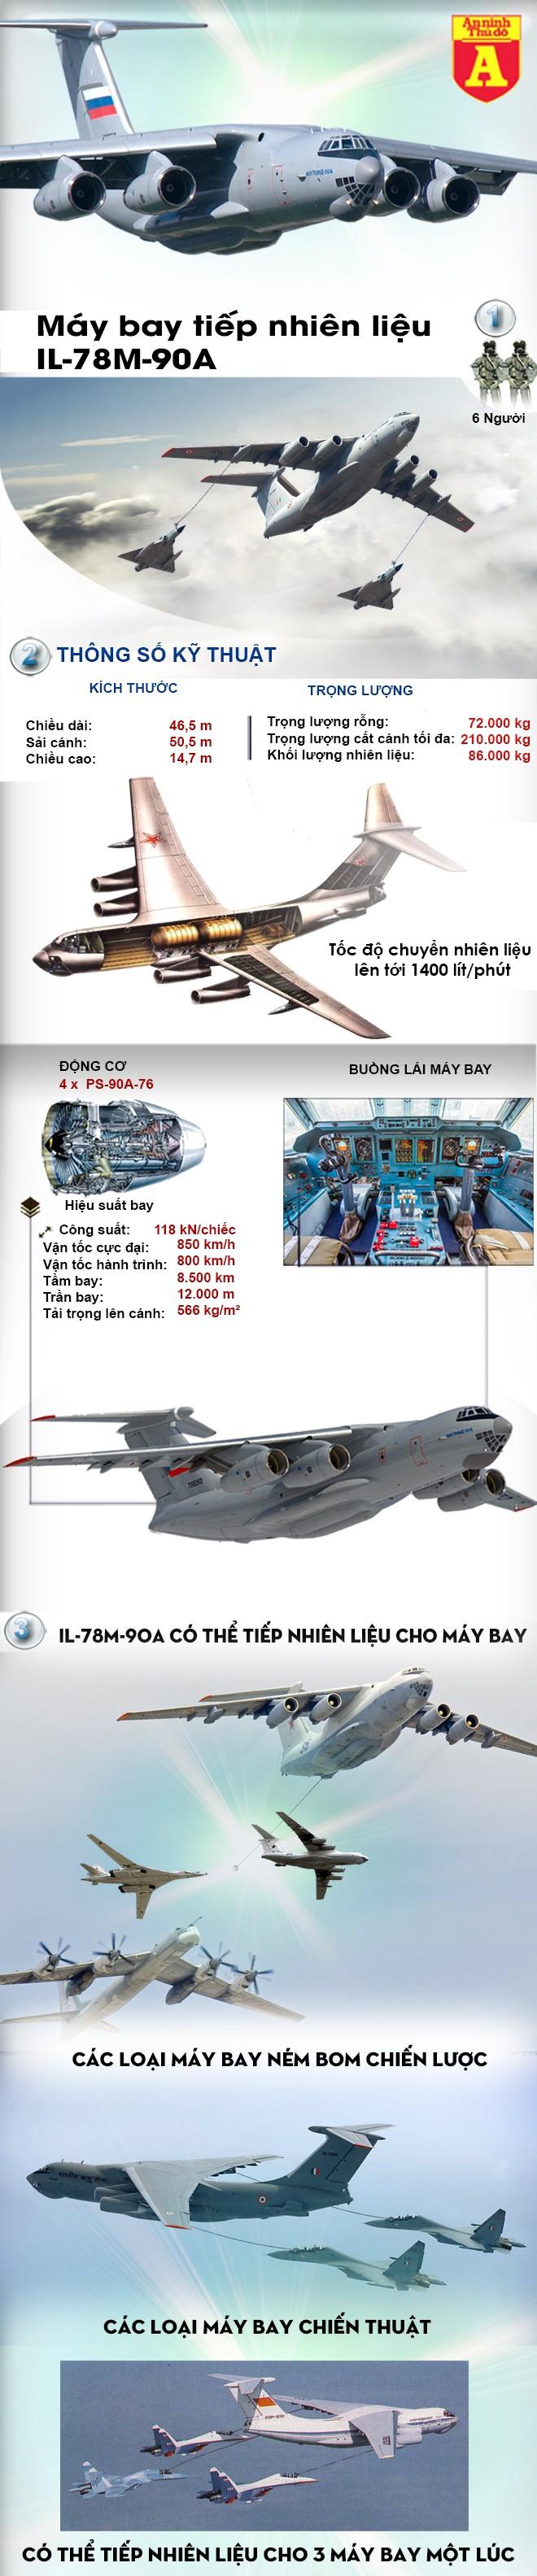 """[Infographic] Nga cho """"bầu sữa trên không"""" IL-78M-90A bay thử thành công ảnh 2"""